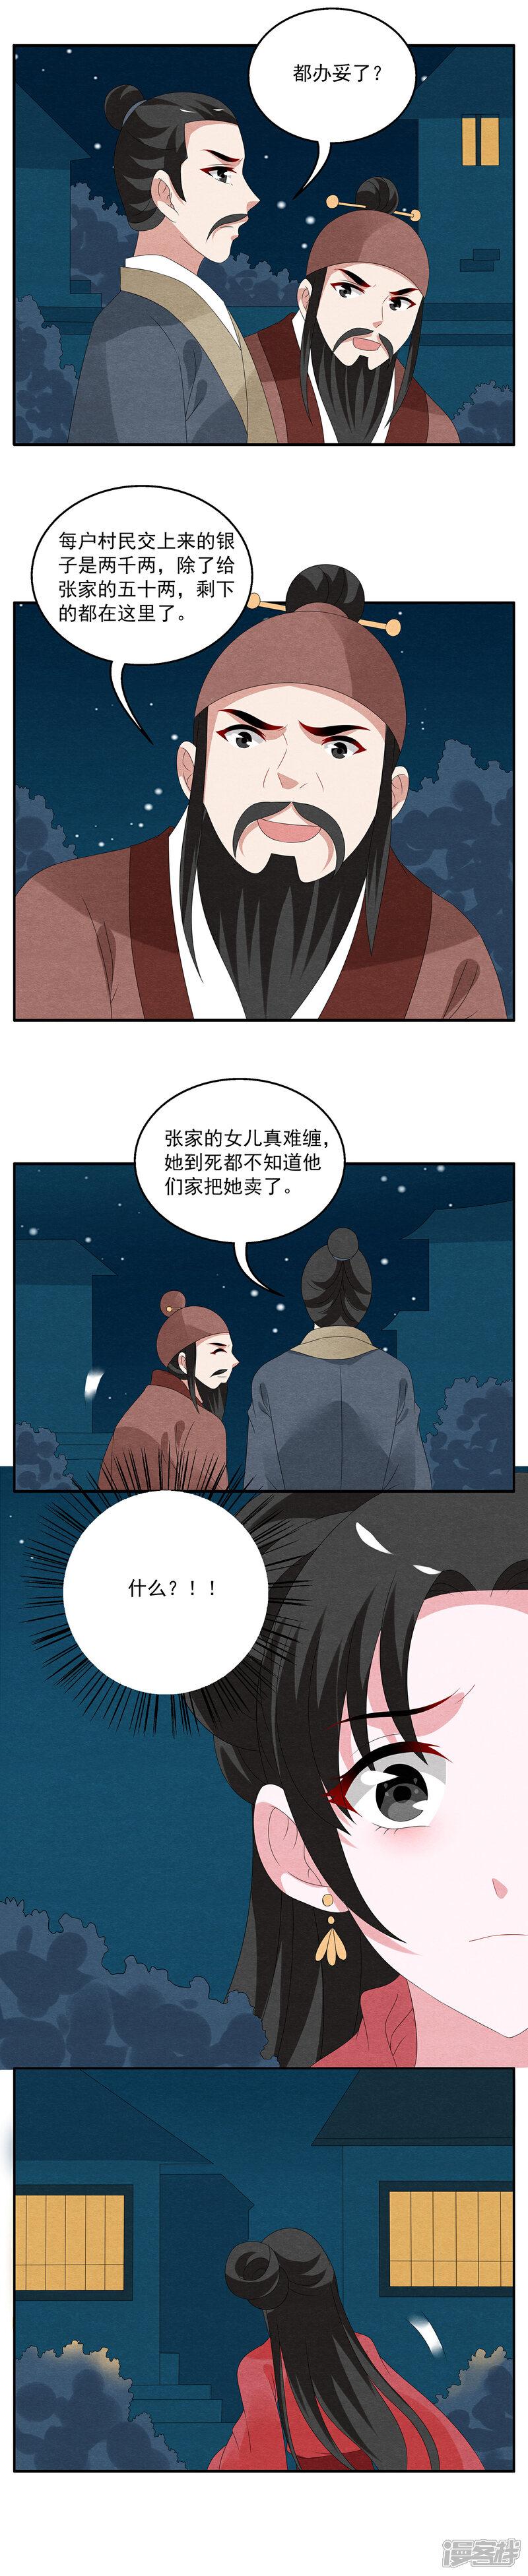 洛小妖110 (6).JPG